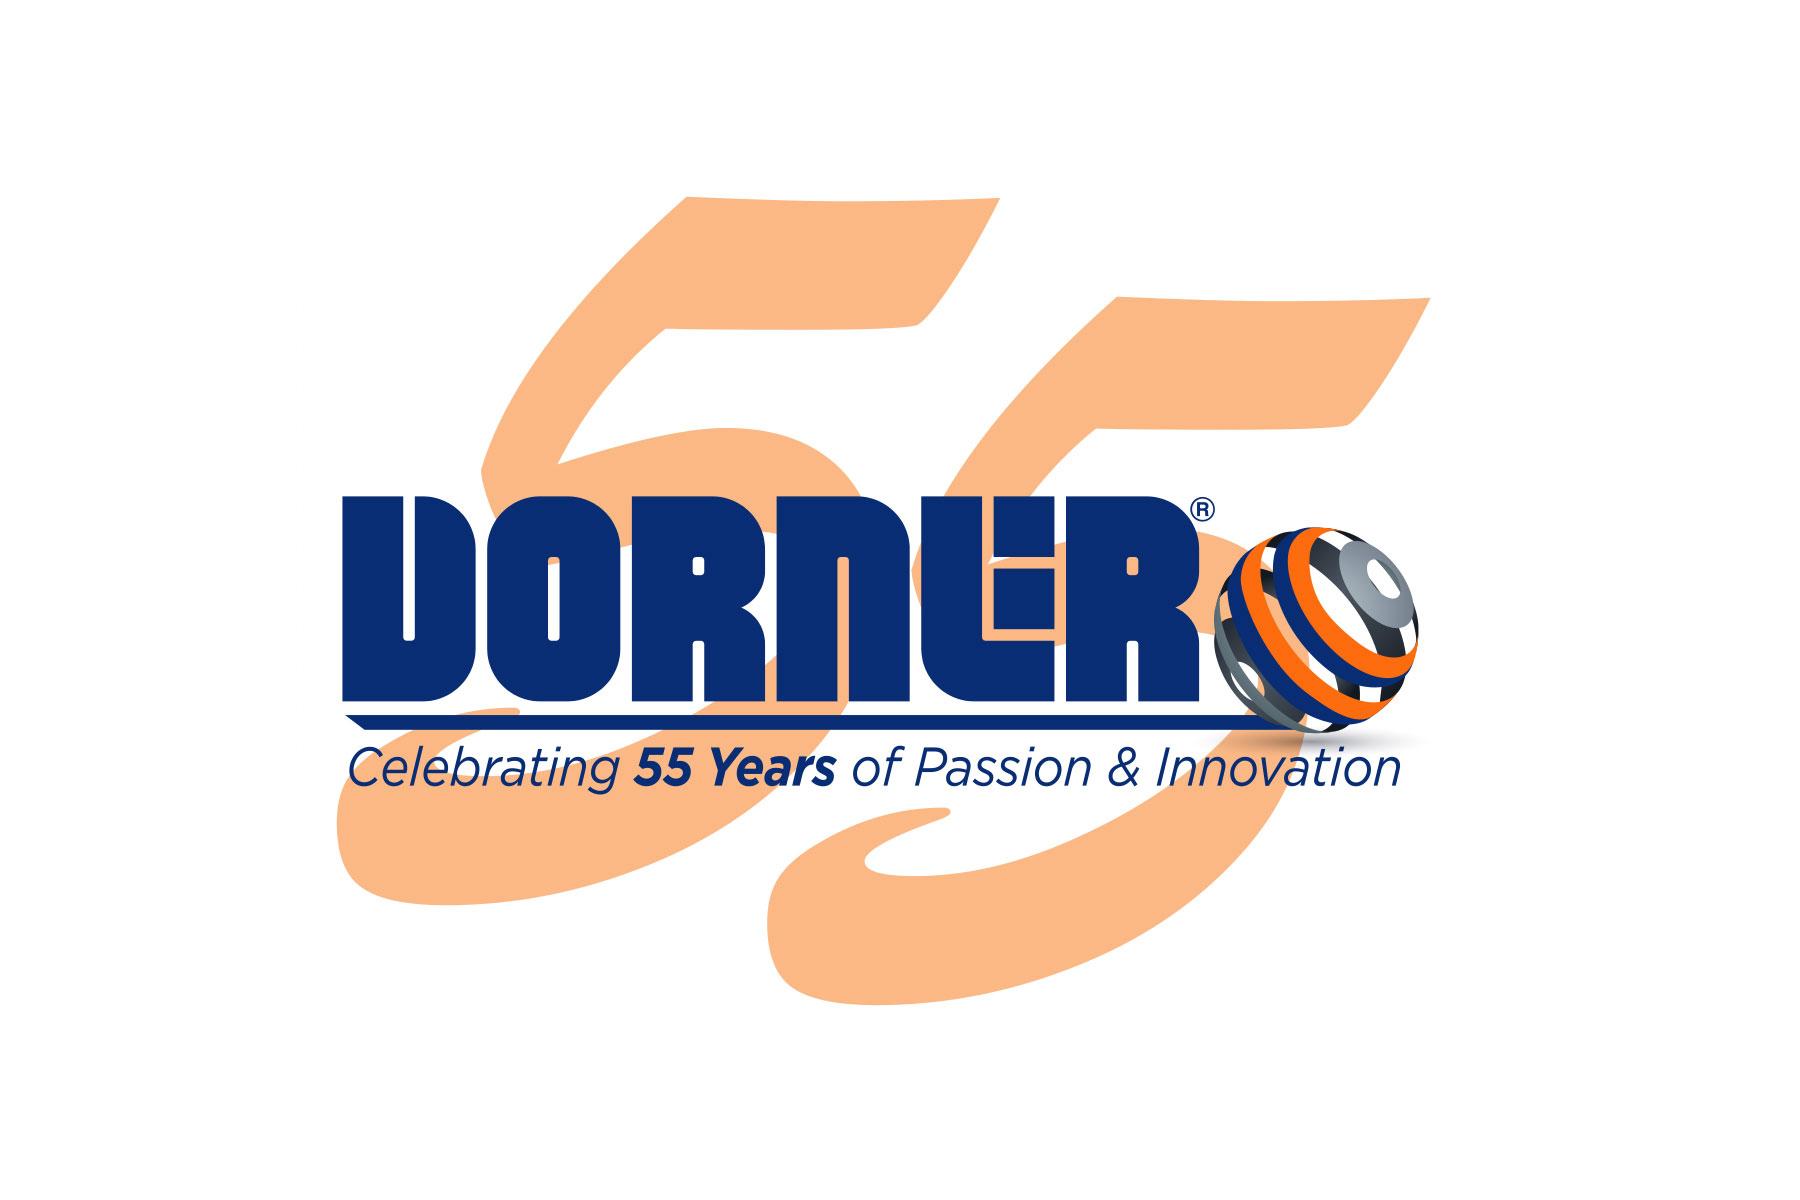 Dorner_55yr_Innovation